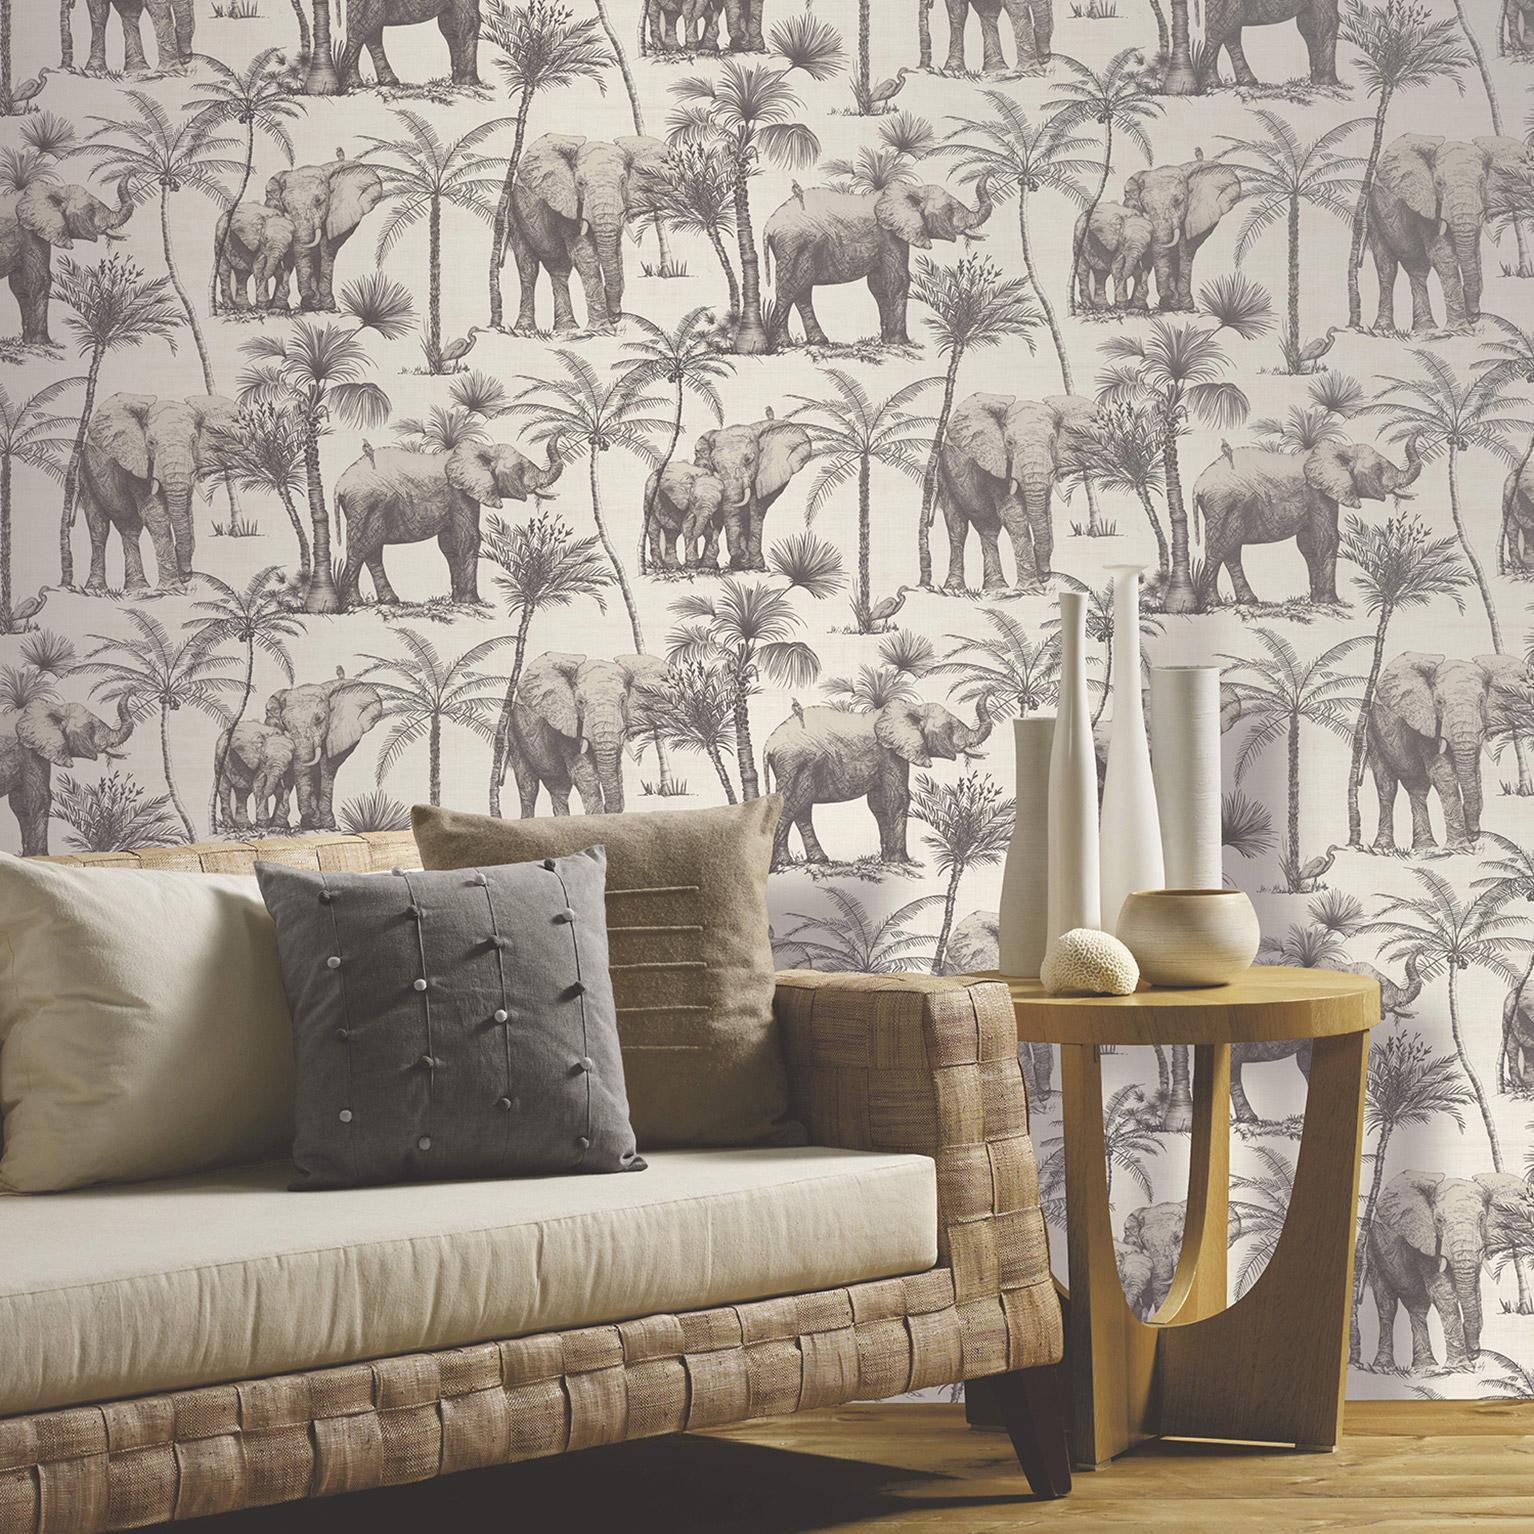 Papier peint intissé VOYAGE éléphant grove grège